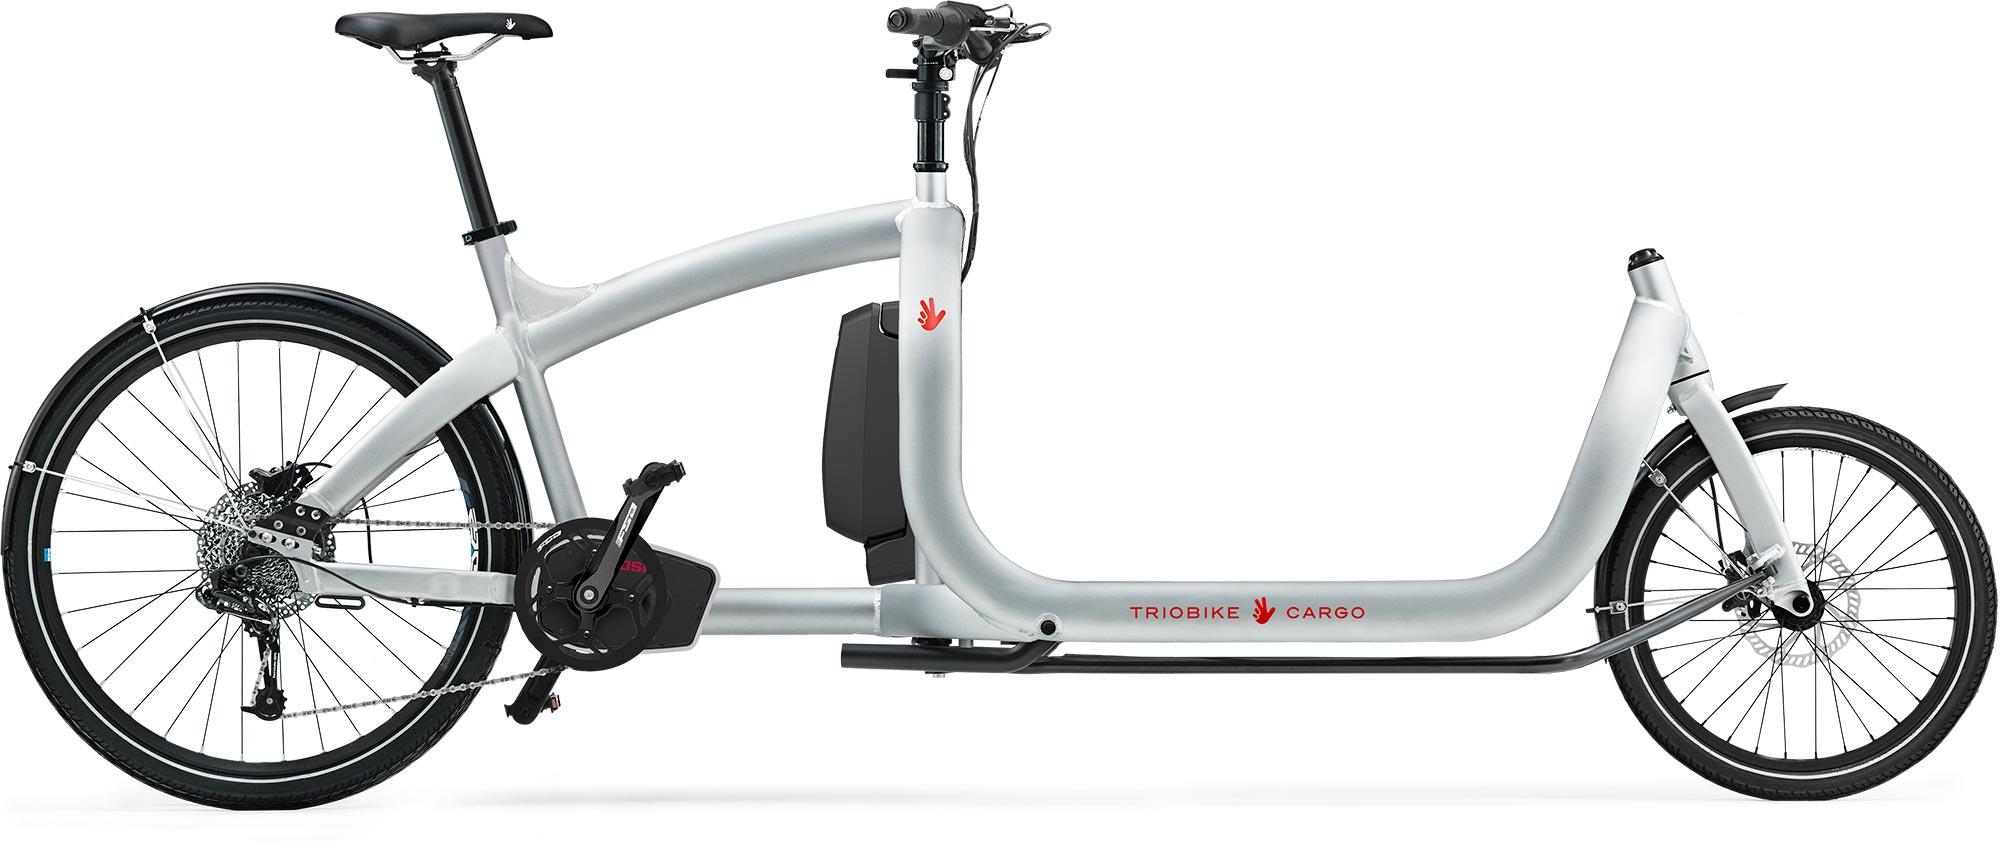 Triobike Cargo E - Cargo e-Bike 2019